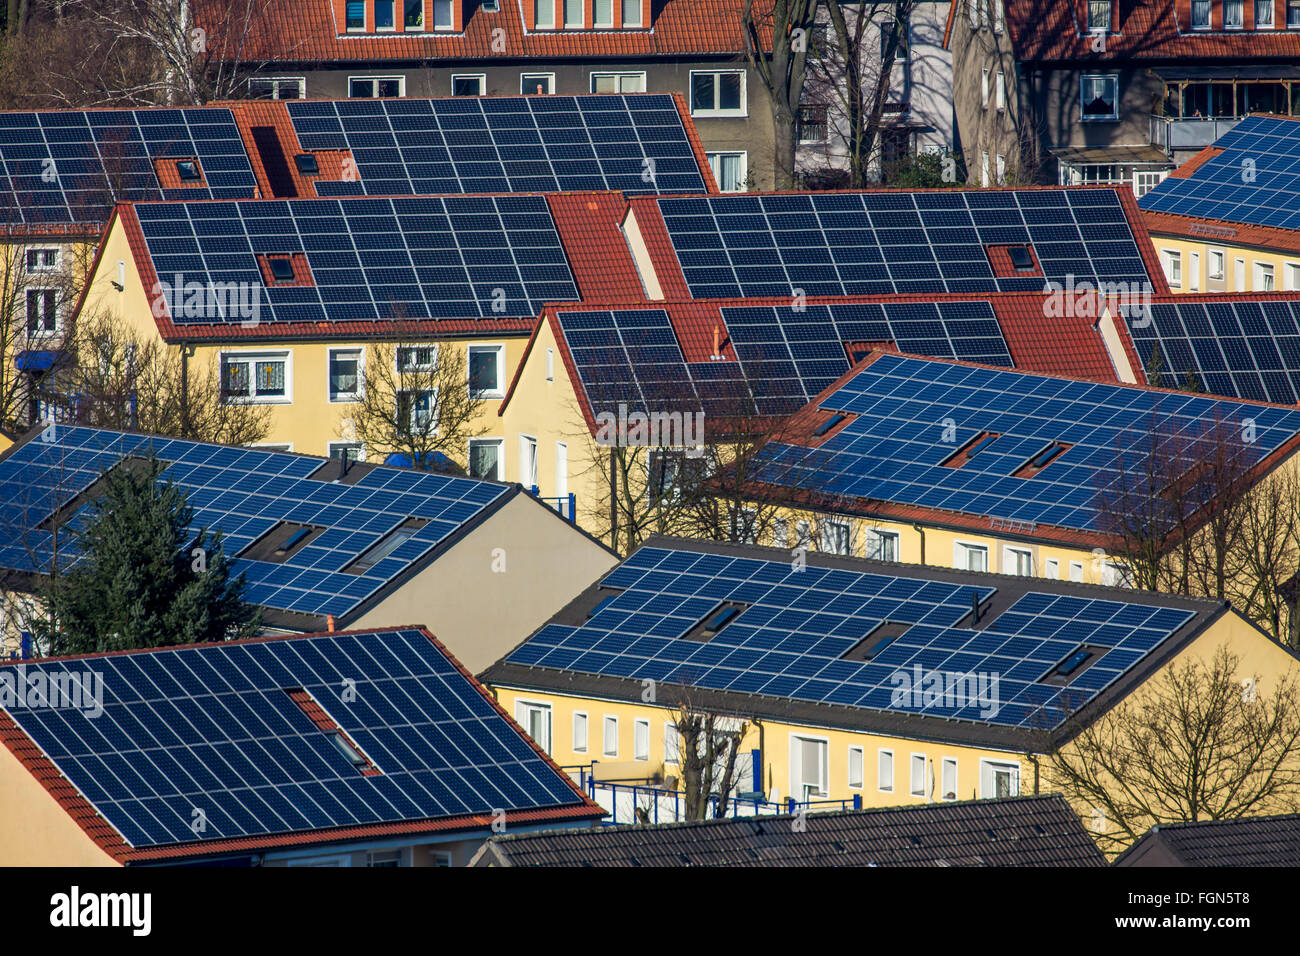 Casas con paneles solares en el techo, la energía solar, Bottrop, Alemania Imagen De Stock